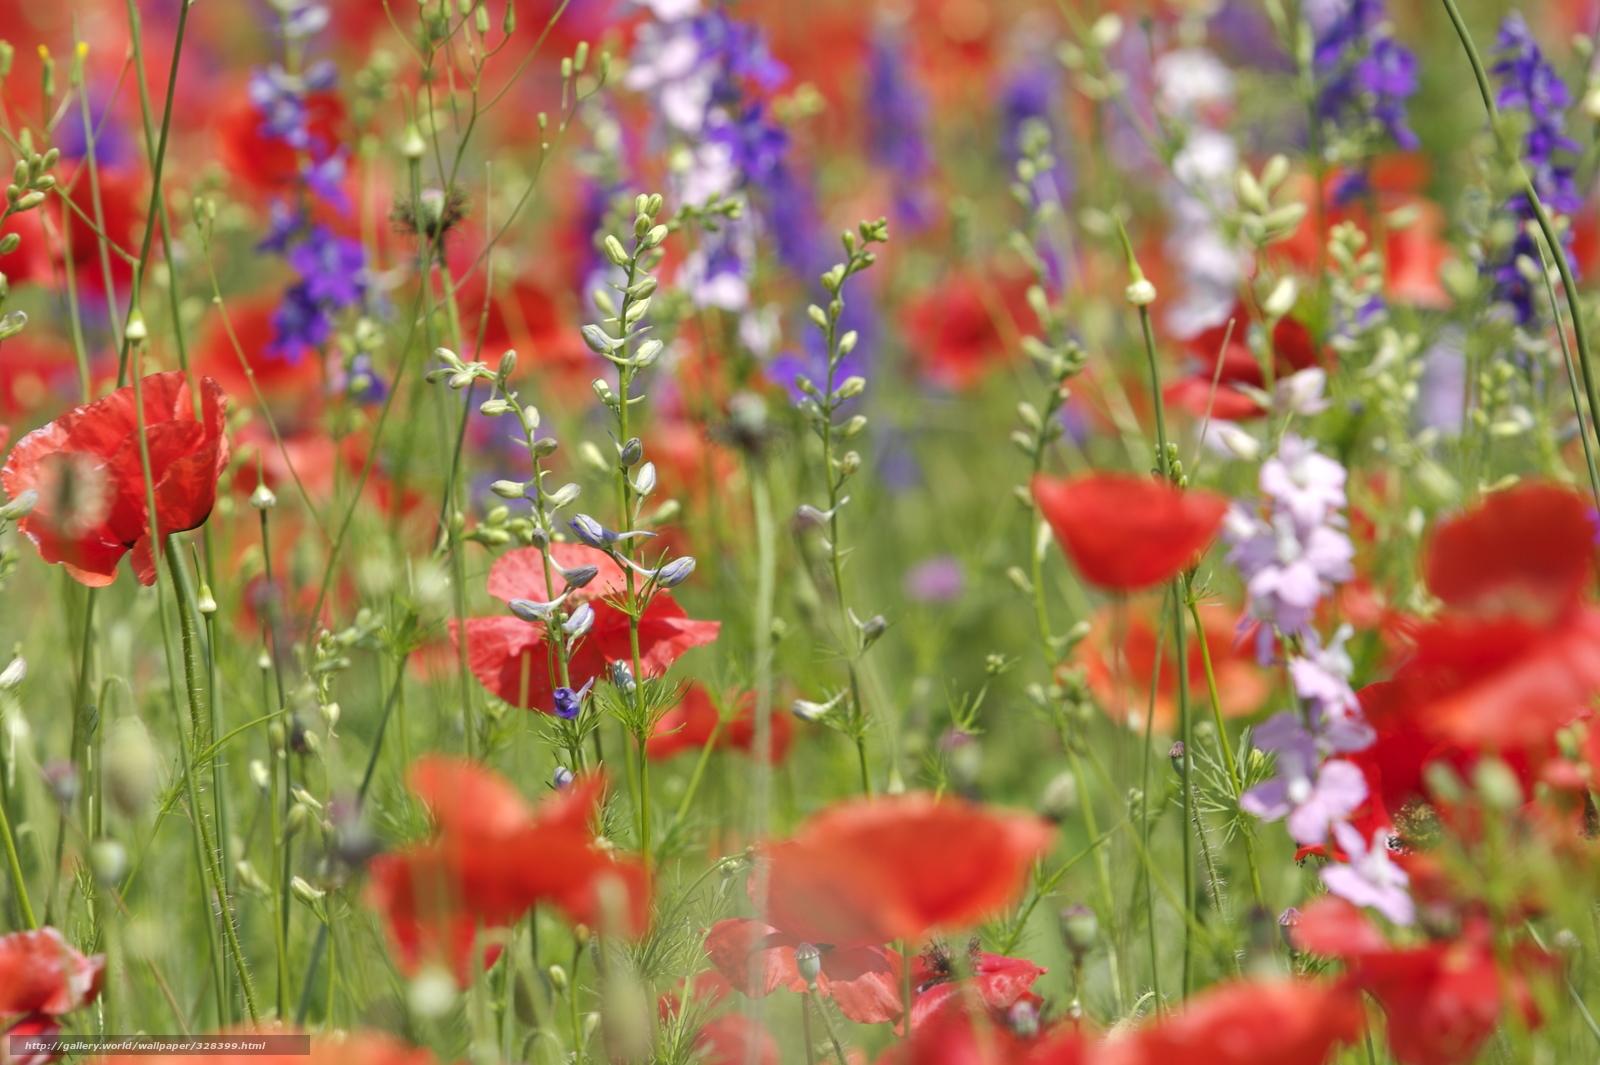 Tlcharger Fond d'ecran Fleurs, diffrent, champ, Coquelicots Fonds d'ecran gratuits pour votre ...